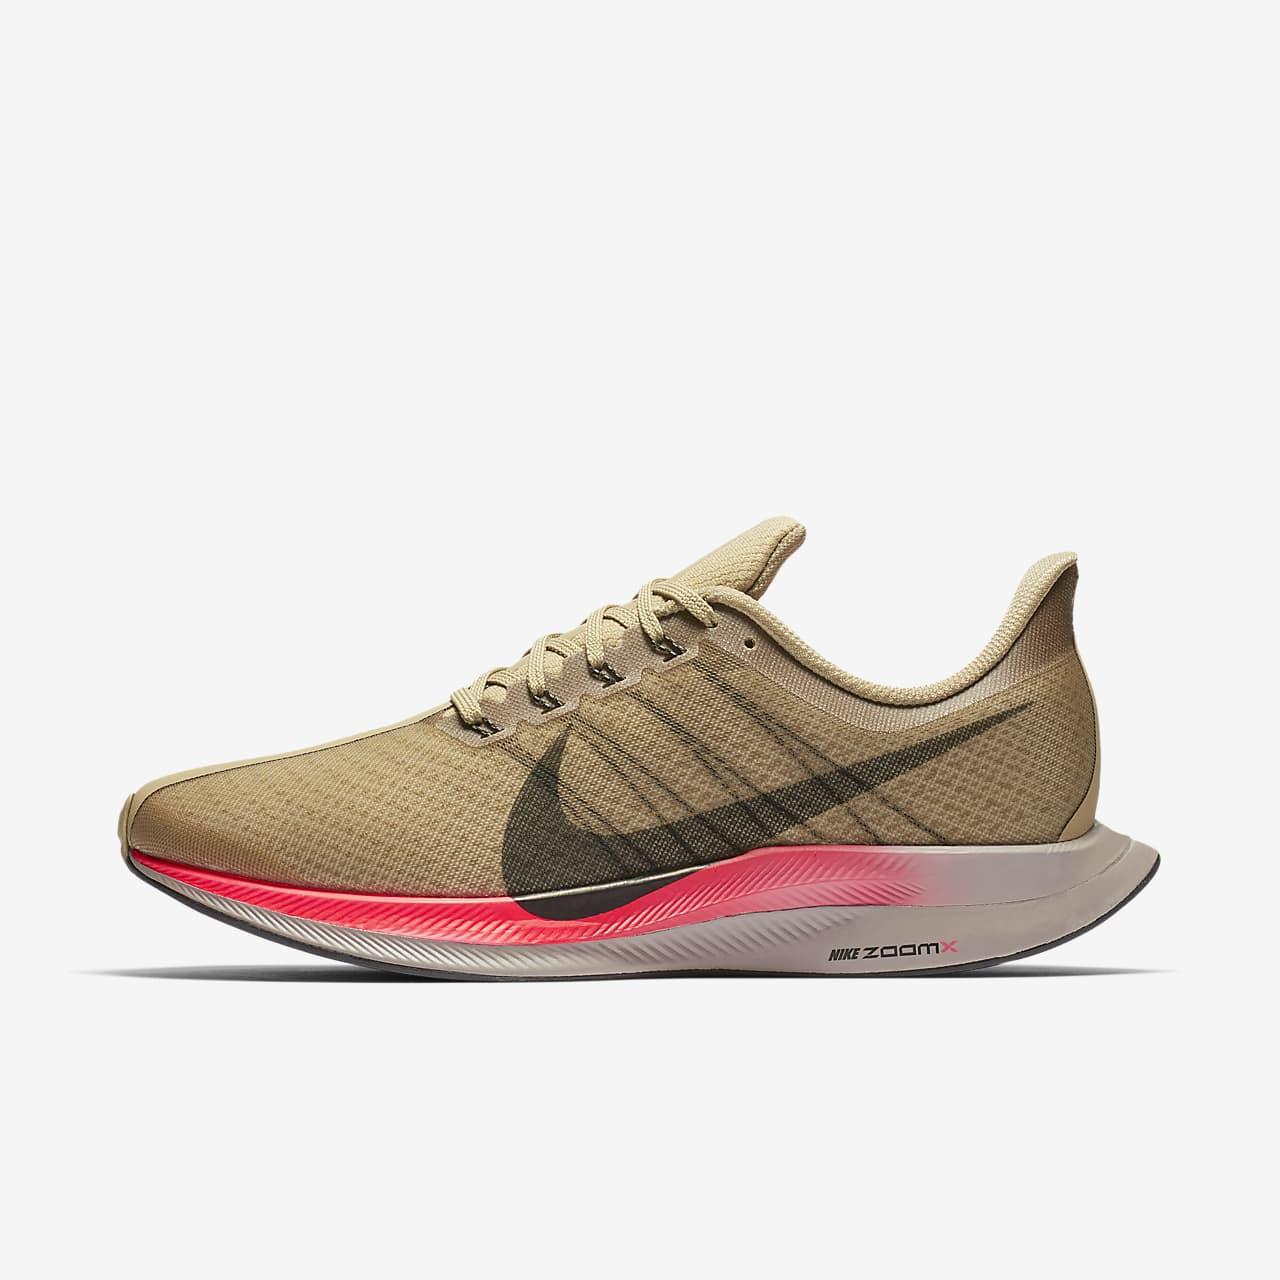 รองเท้าวิ่งผู้ชาย Nike Zoom Pegasus 35 Turbo